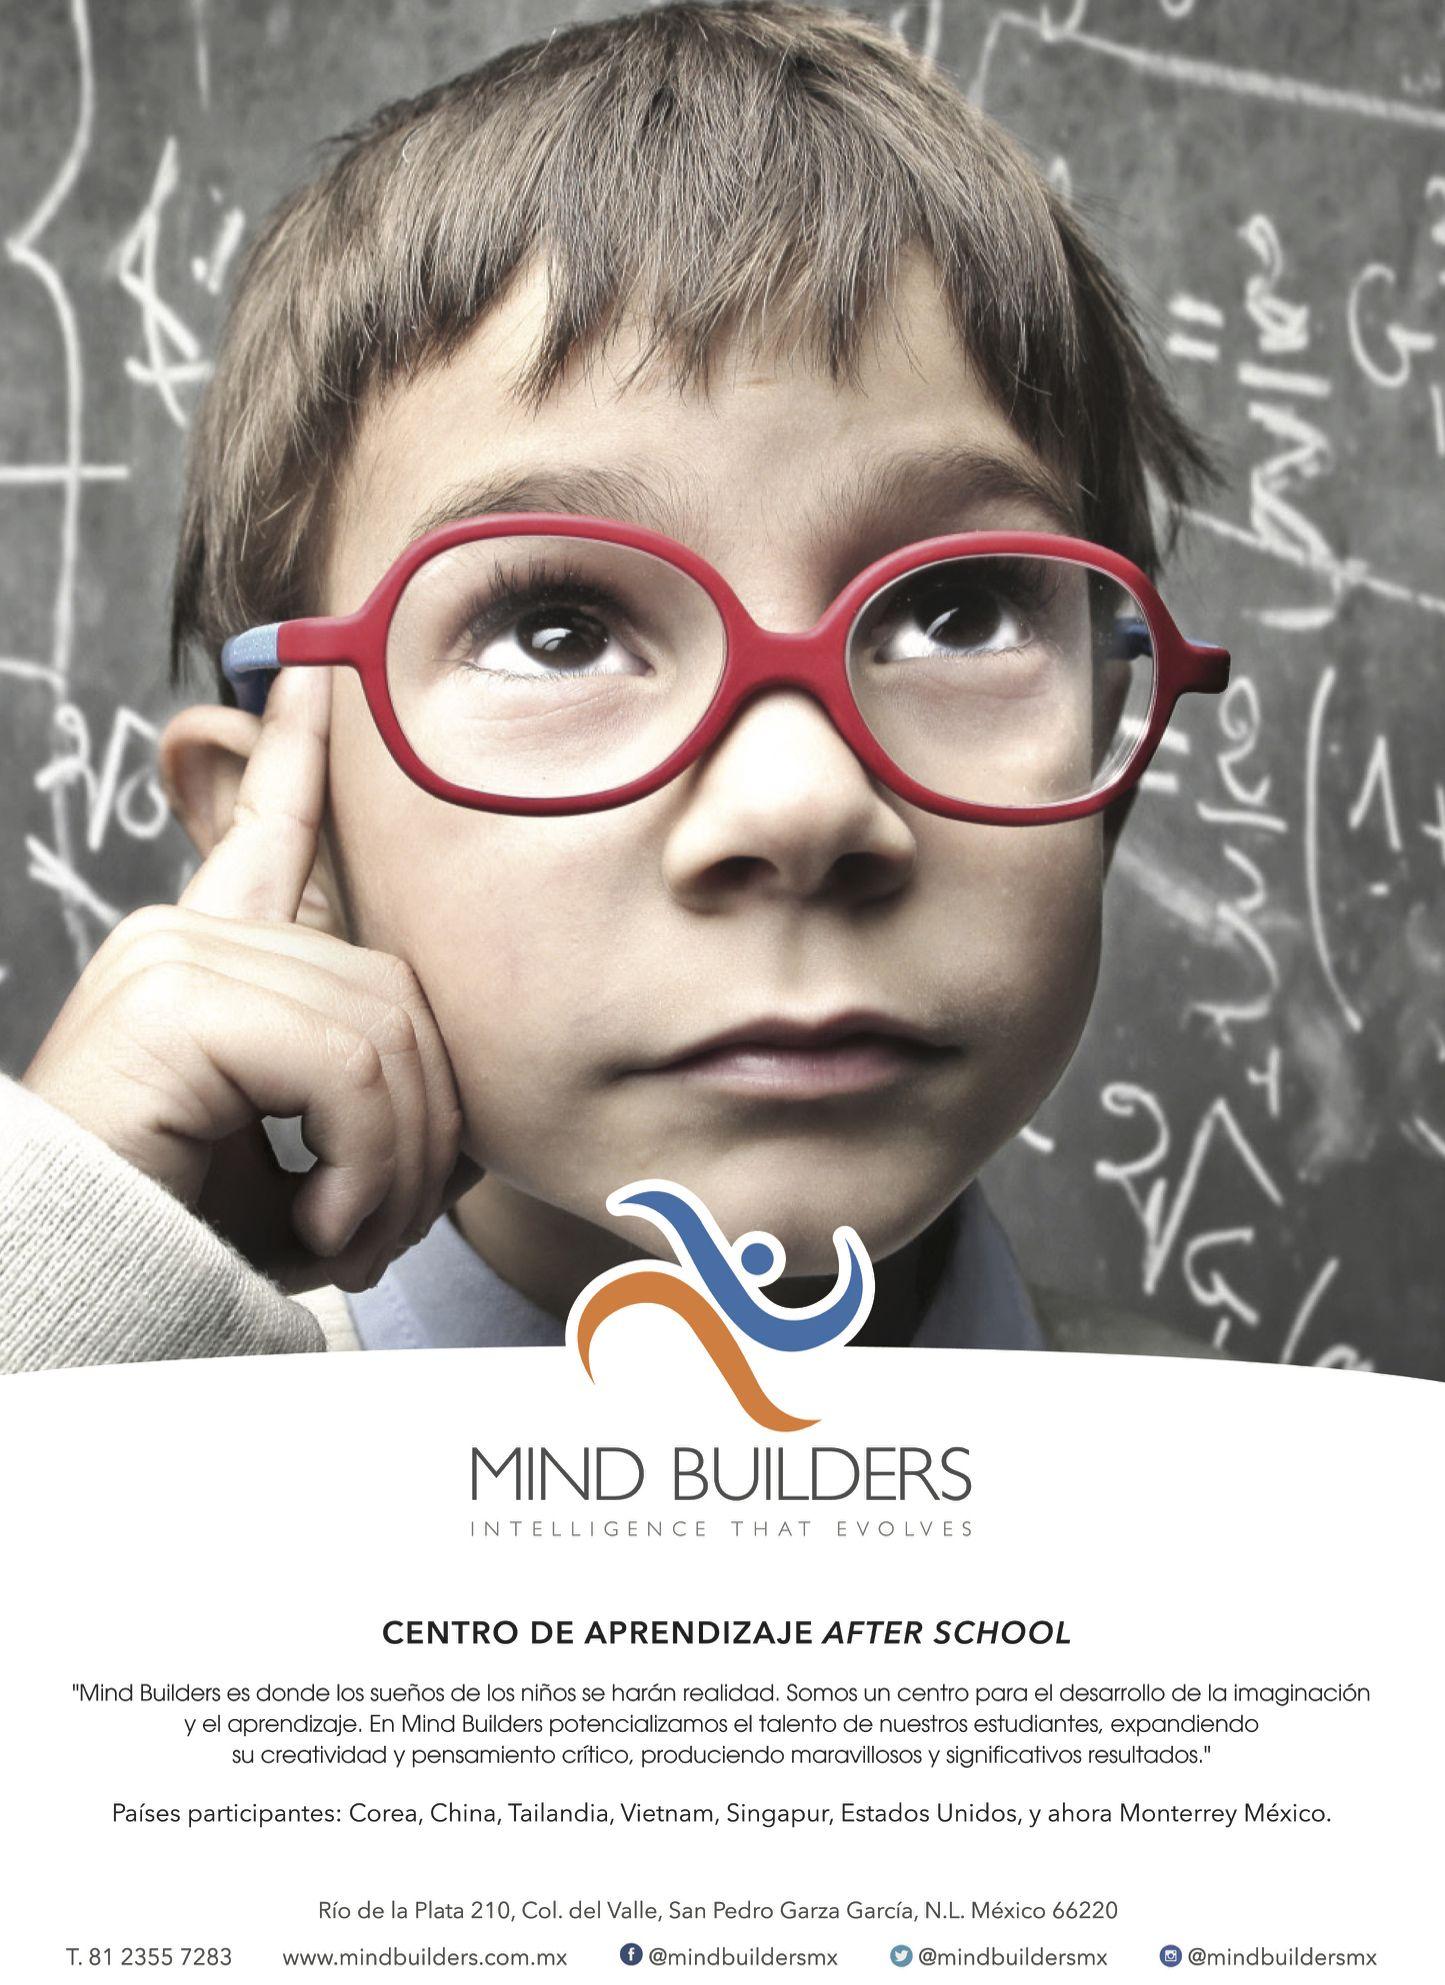 Mind Builders es donde los sueños de los niños se harán realidad.